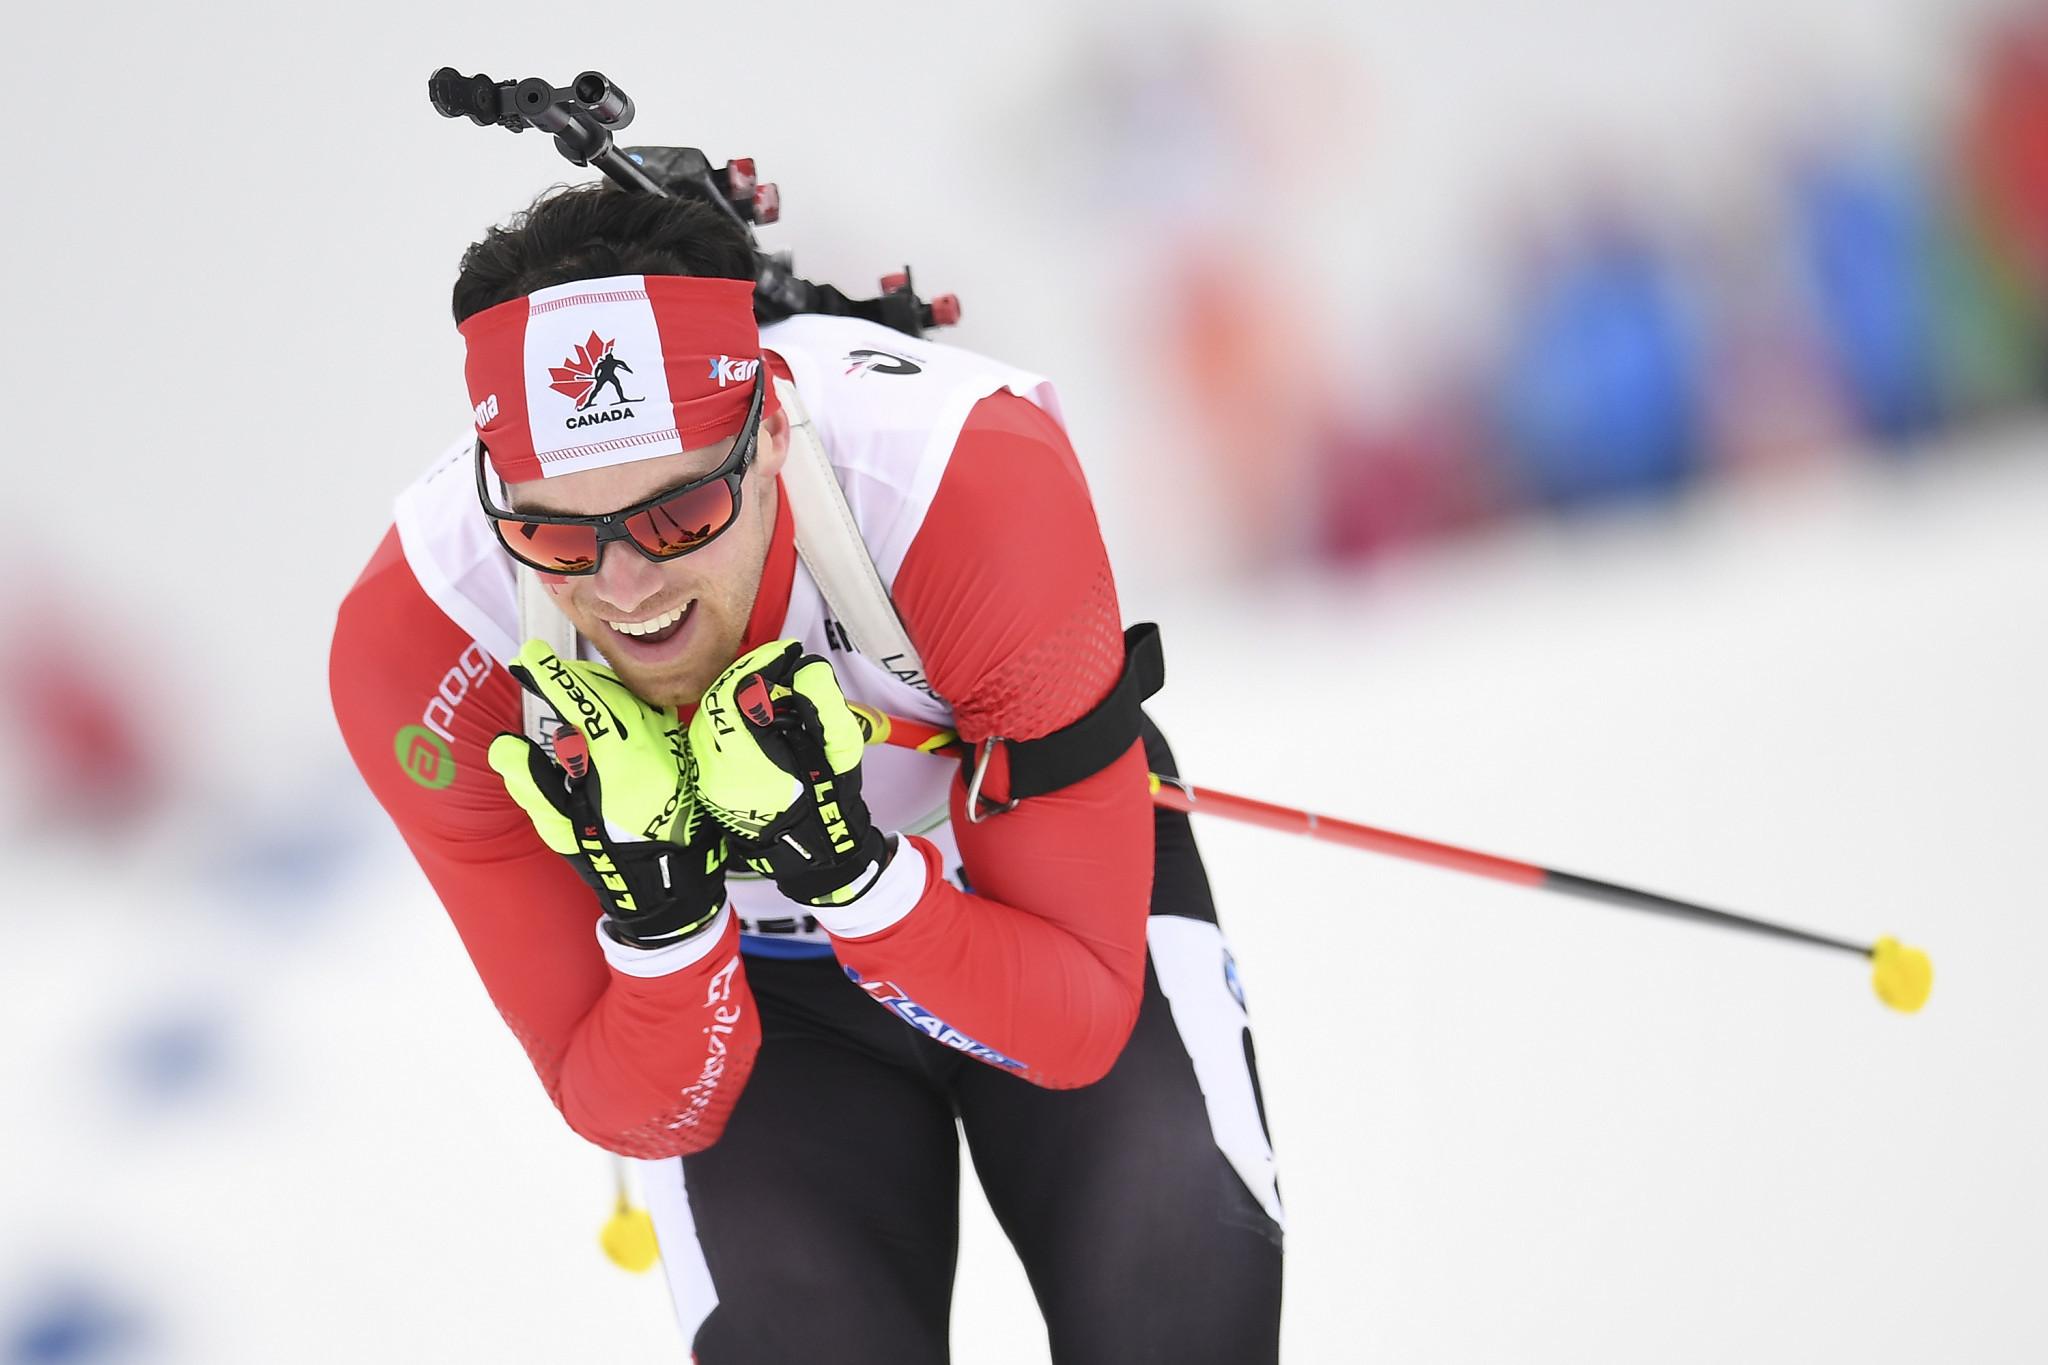 Biathlon Canada announce departure of head coach Matthias Ahrens